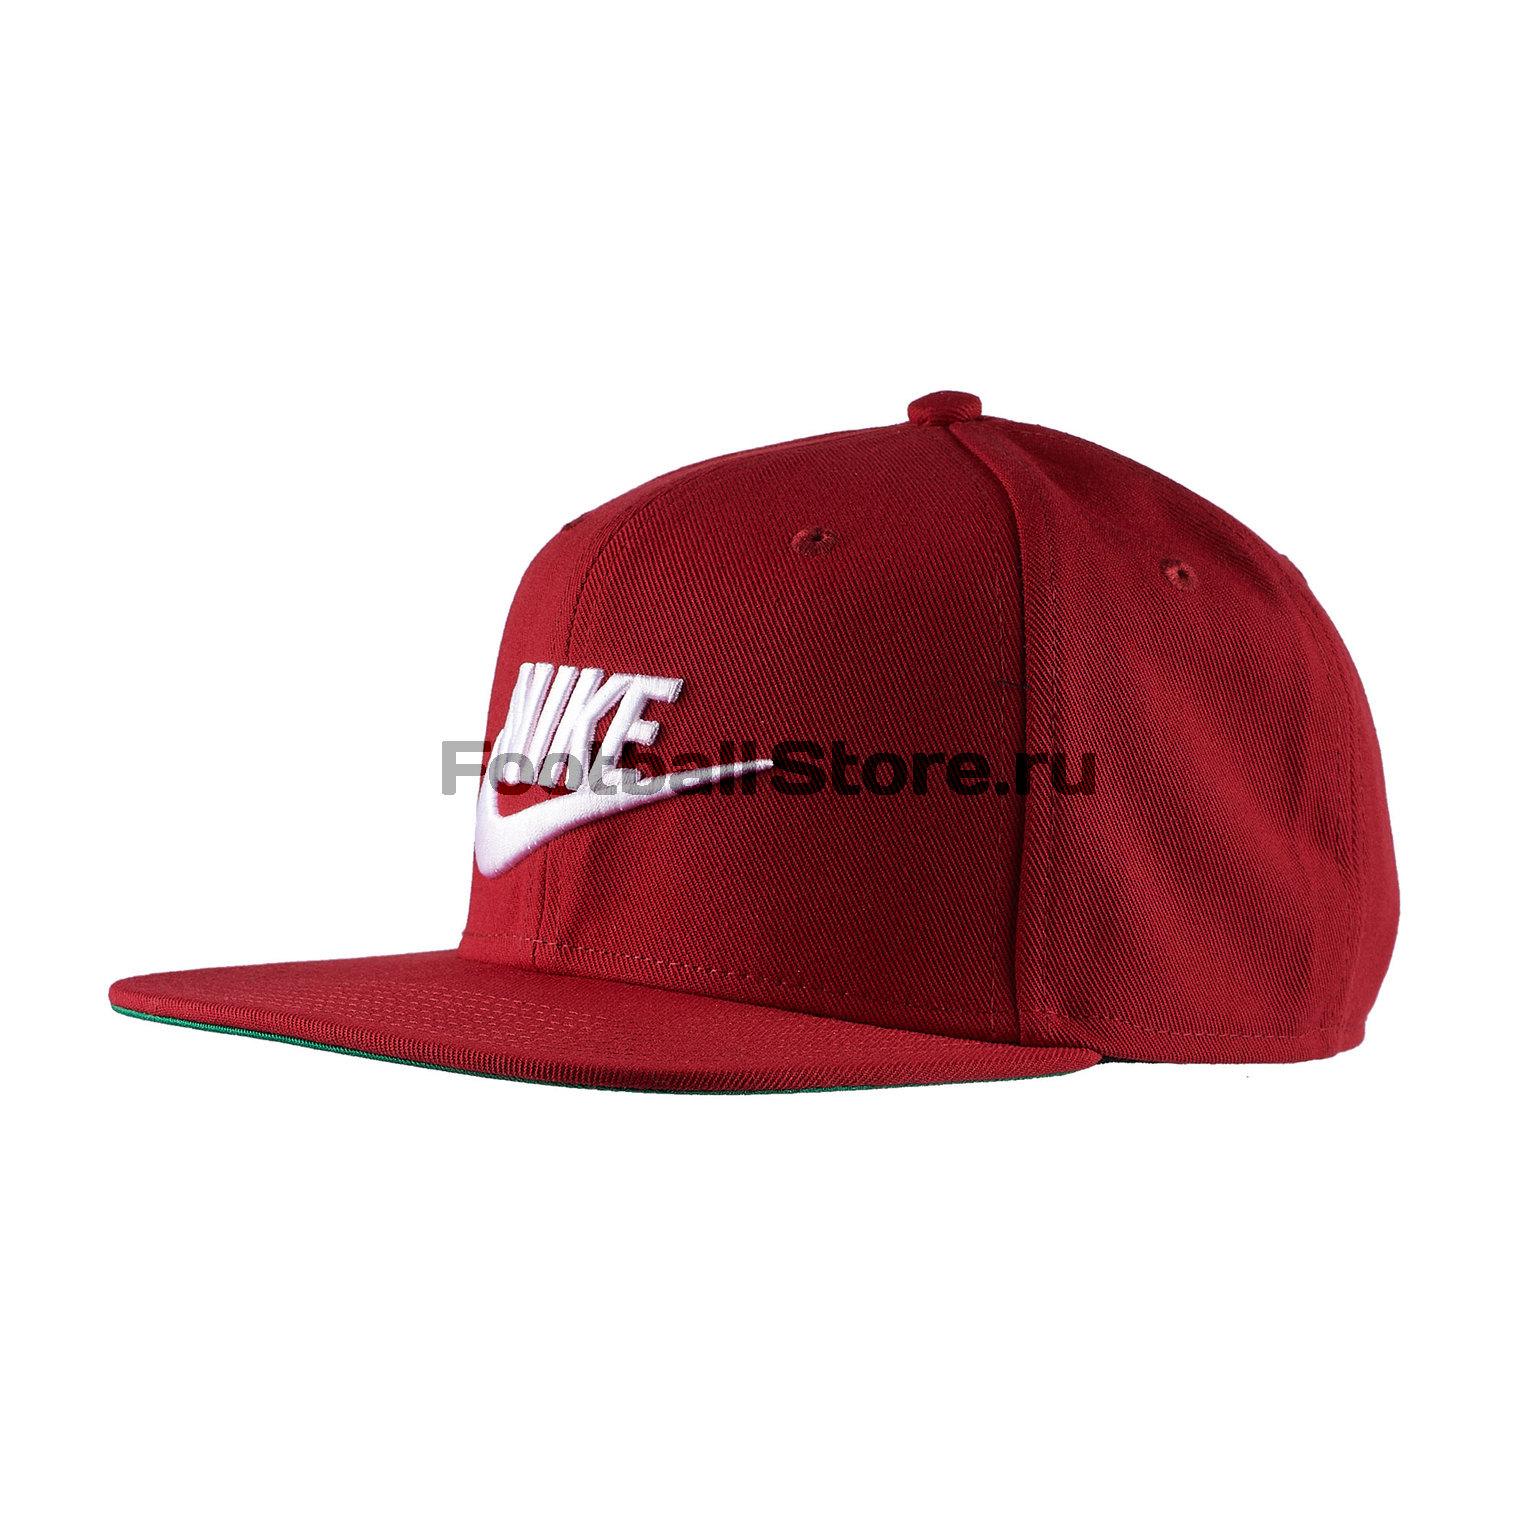 Бейсболка Nike Pro Cap Futura 891284-618 клюшка для гольфа nike vapor pro 2015